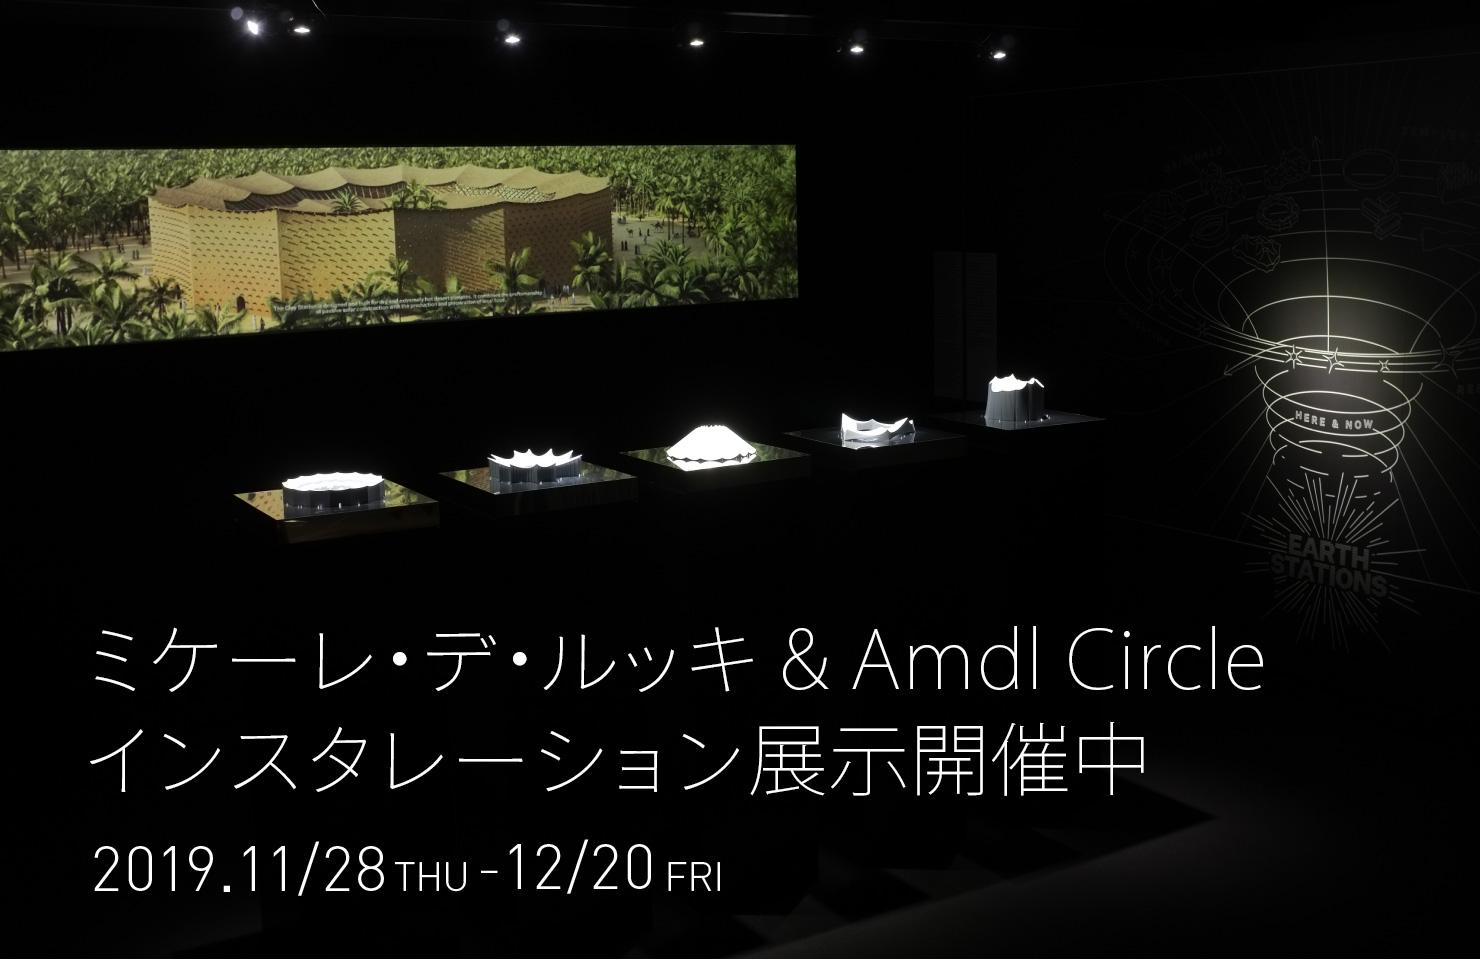 ミケーレ・デ・ルッキ & Amdl Circle インスタレーション展示開催中 2019/11/28-12/20